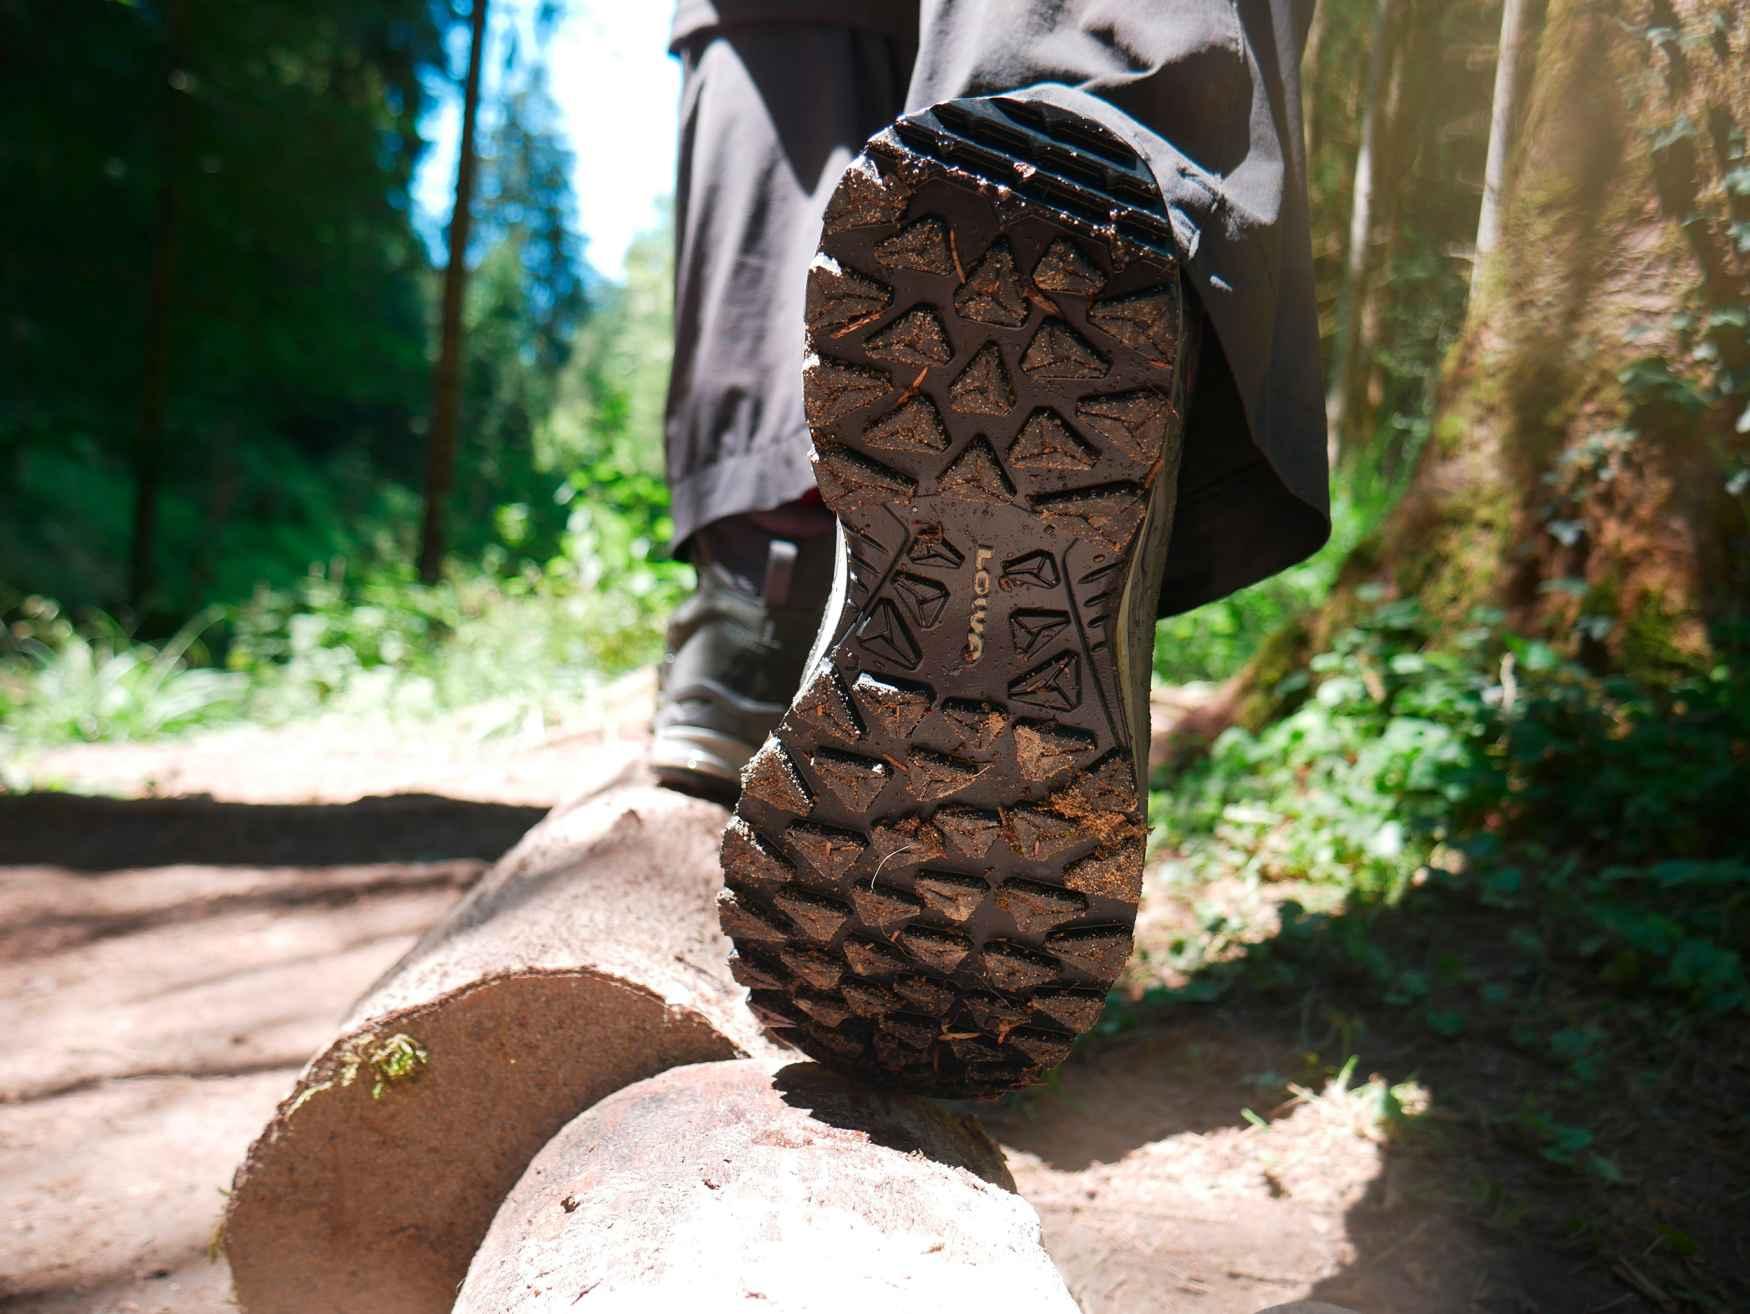 Die neuen Multifunktionsschuhe TORO EVO LL MID überzeugen durch eine überaus gute Passform und sportliche Gene – vom robusten Materialmix bis hin zur griffigen Außensohle. Die Schuhe kommen im modernen Derbyschnitt daher und überzeugen dank Lederfutter mit optimalem Tragekomfort. Zudem sorgt der patentierte LOWA-MONOWRAP®-Rahmen für eine erhöhte Führung des Fußes und die direkt angespritzte Zwischensohle aus LOWA DynaPU® für eine optimale Dämpfung bei jedem Schritt.